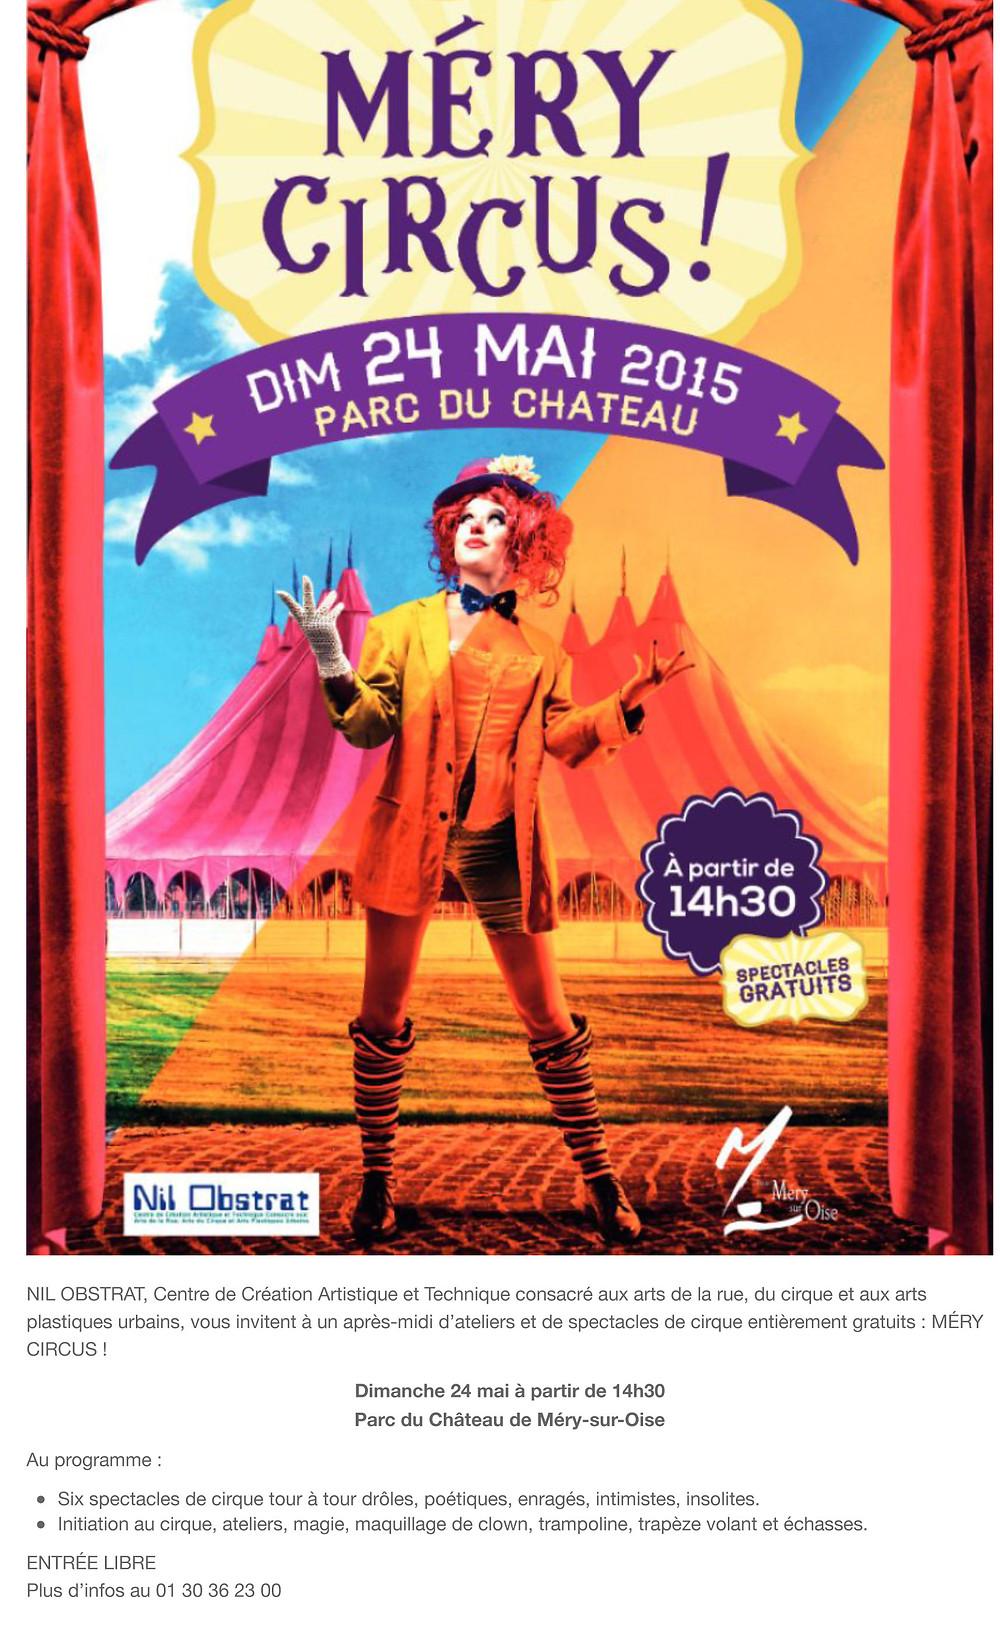 _Méry_Circus_-_Ligue_de_l'enseignement_du_Val_d'oise-1.jpg